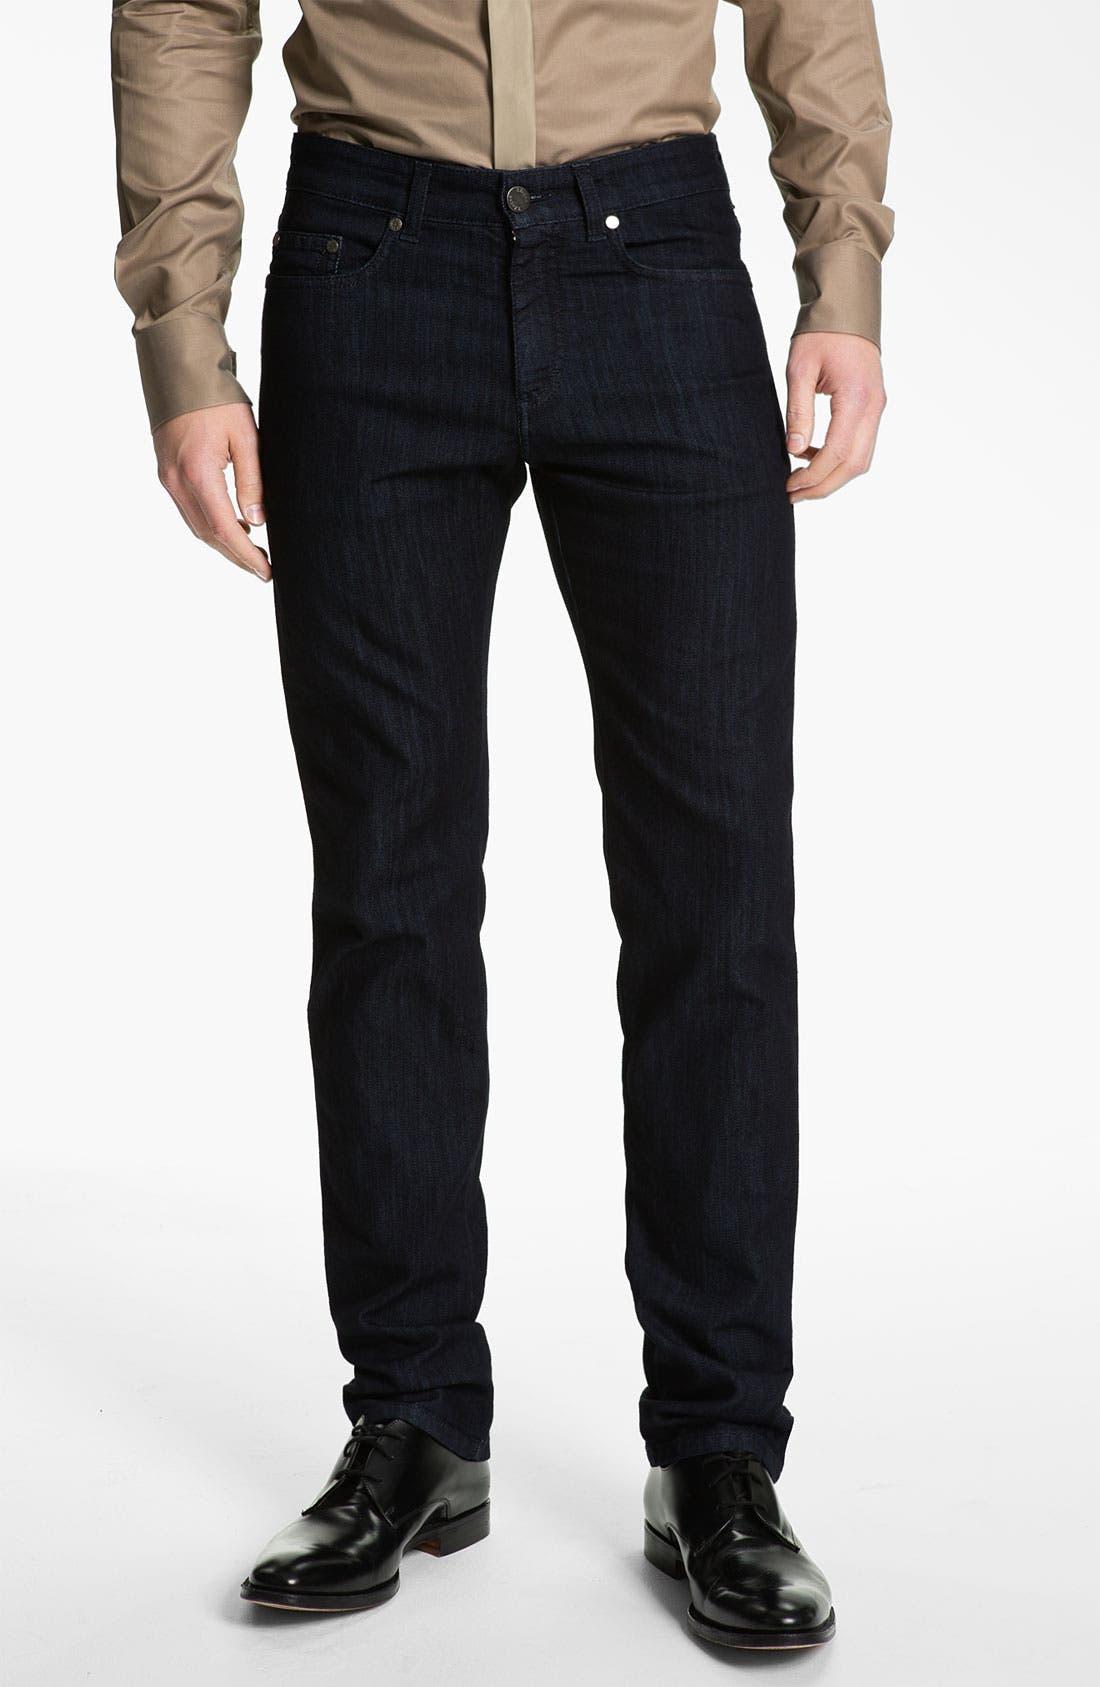 Alternate Image 1 Selected - Z Zegna Straight Leg Jeans (Black)